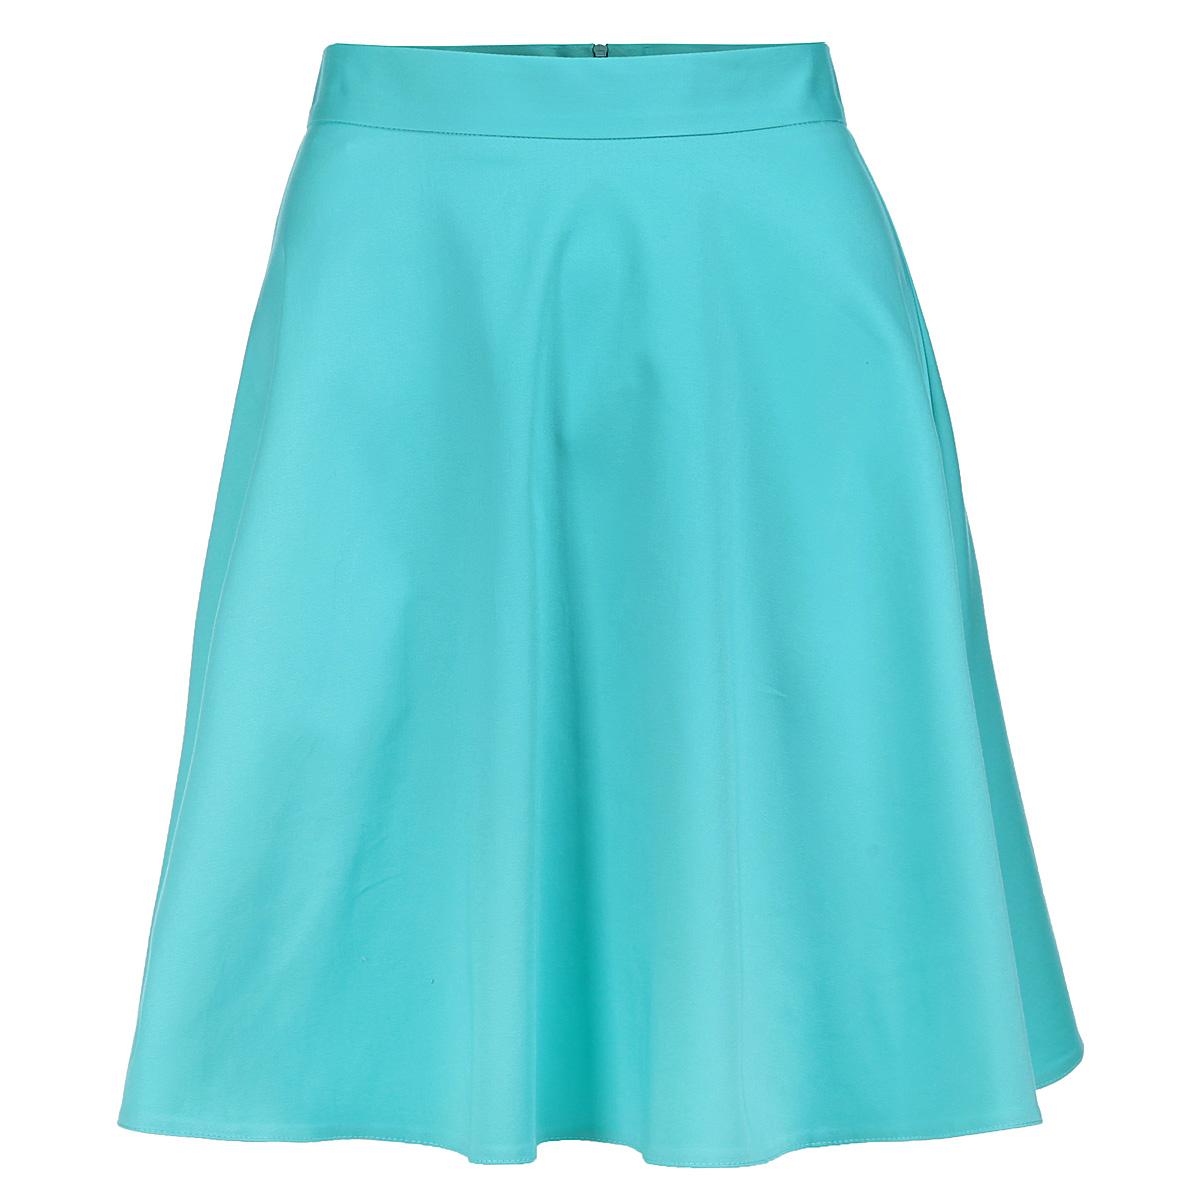 Юбка Yarmina, цвет: мятный. 6717803 min. Размер 466717803 minЭлегантная юбка Yarmina изготовлена из мягкого хлопка с добавлением эластана. Модель средней длины на пришивном поясе застегивается на потайную застежку-молнию сзади. Классическая расклешенная юбка - актуальная и модная вещь женского гардероба. Она будет прекрасно смотреться с любыми топами и блузками.Эта стильная и в то же время комфортная юбка - отличный вариант на каждый день.